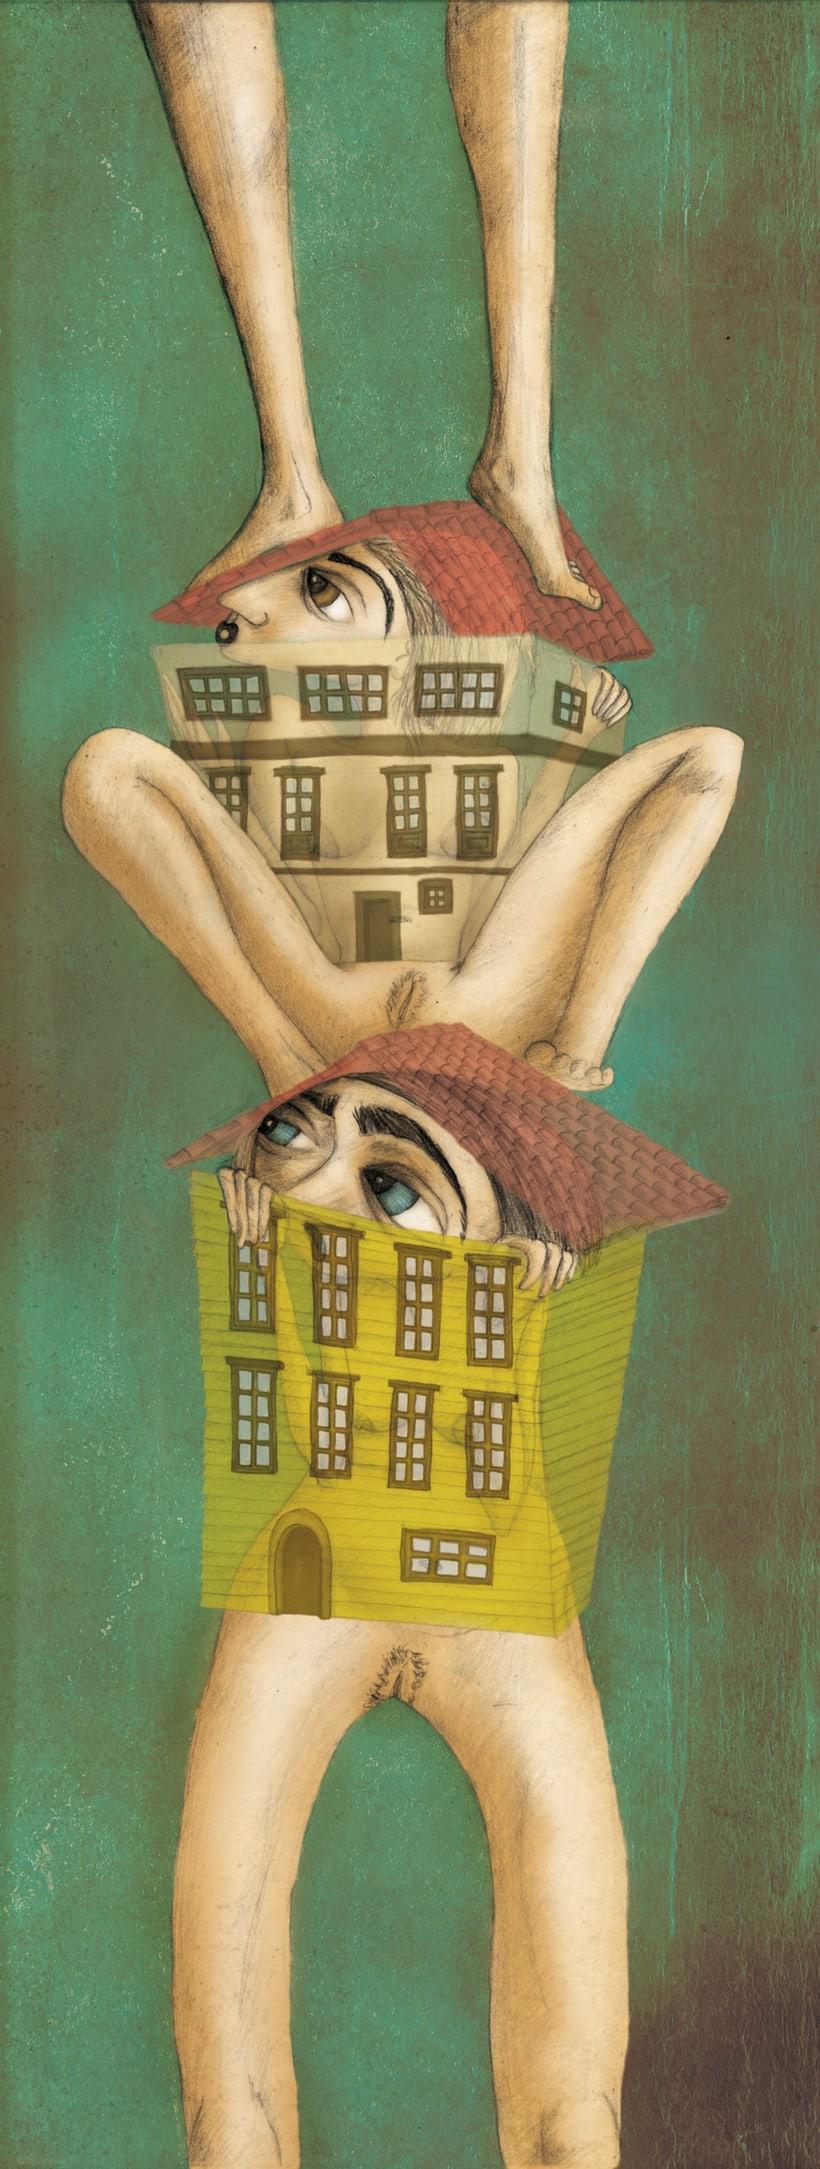 Hombre-casa 2